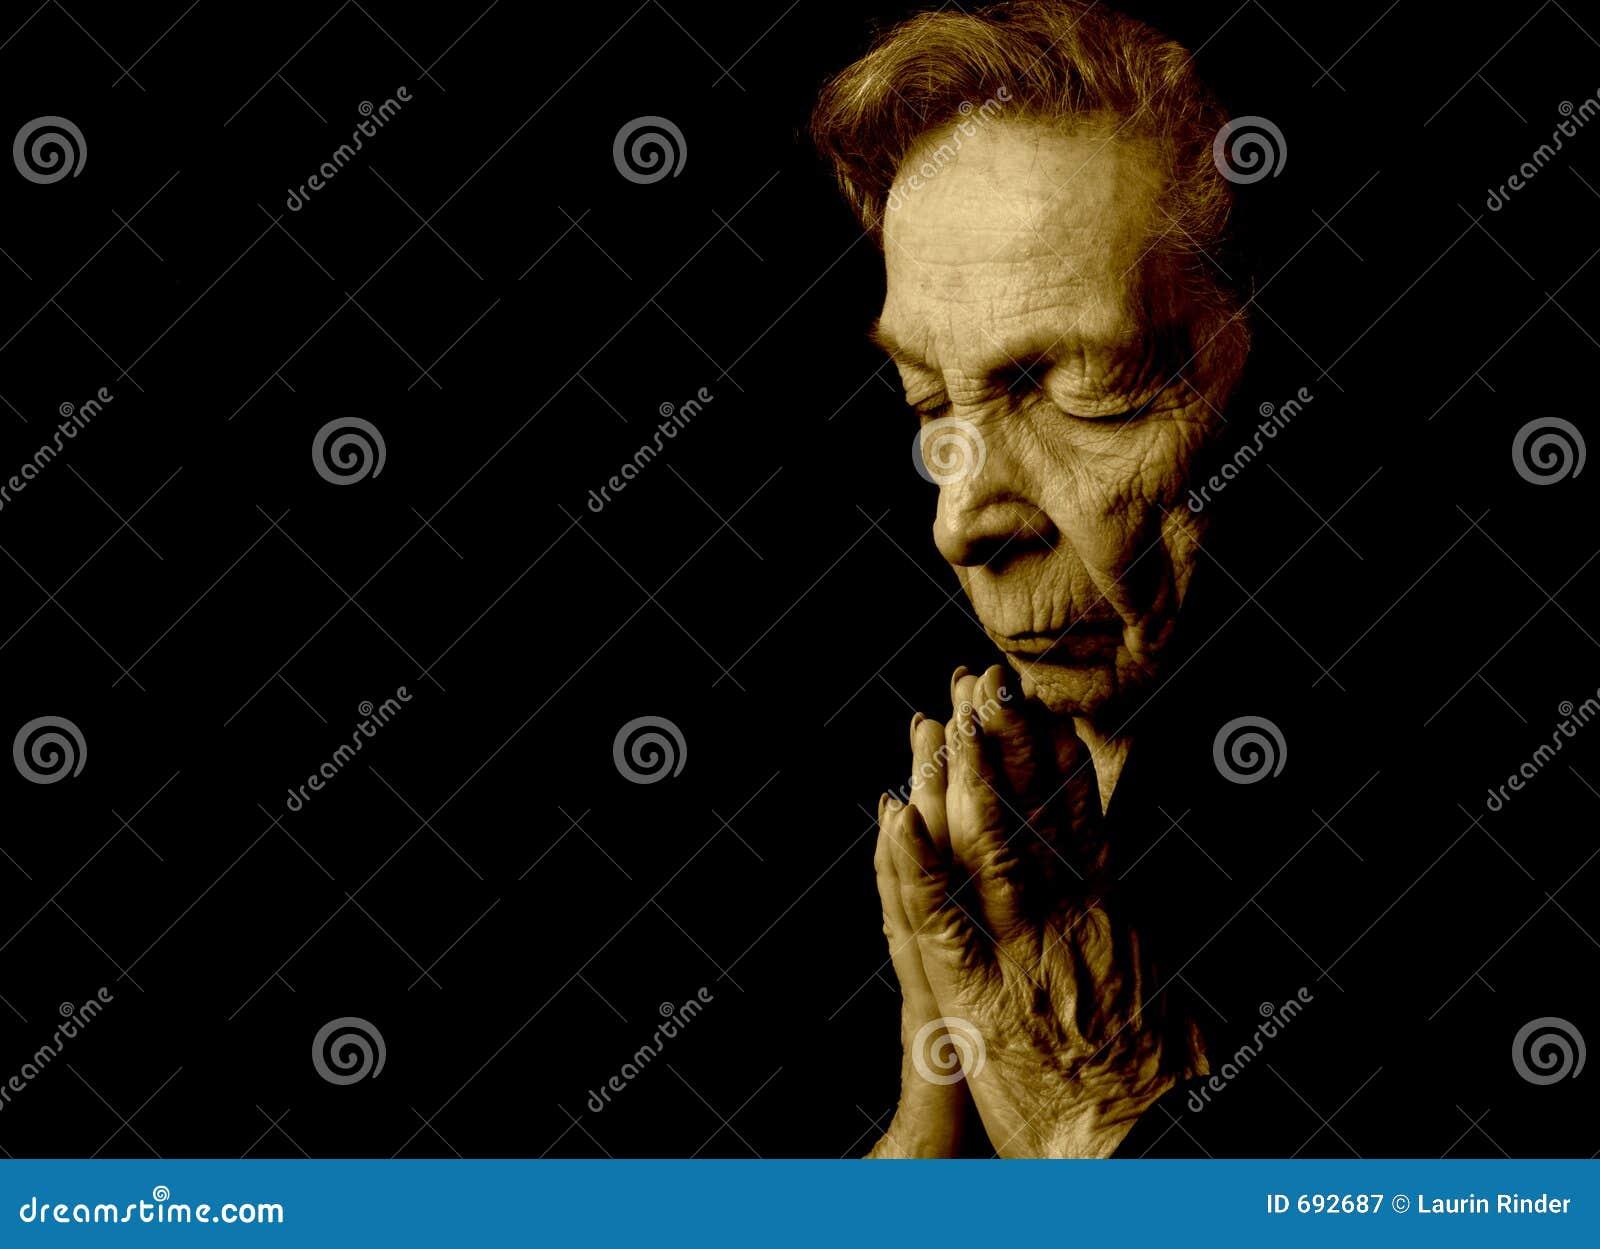 Stara kobieta modlitwa